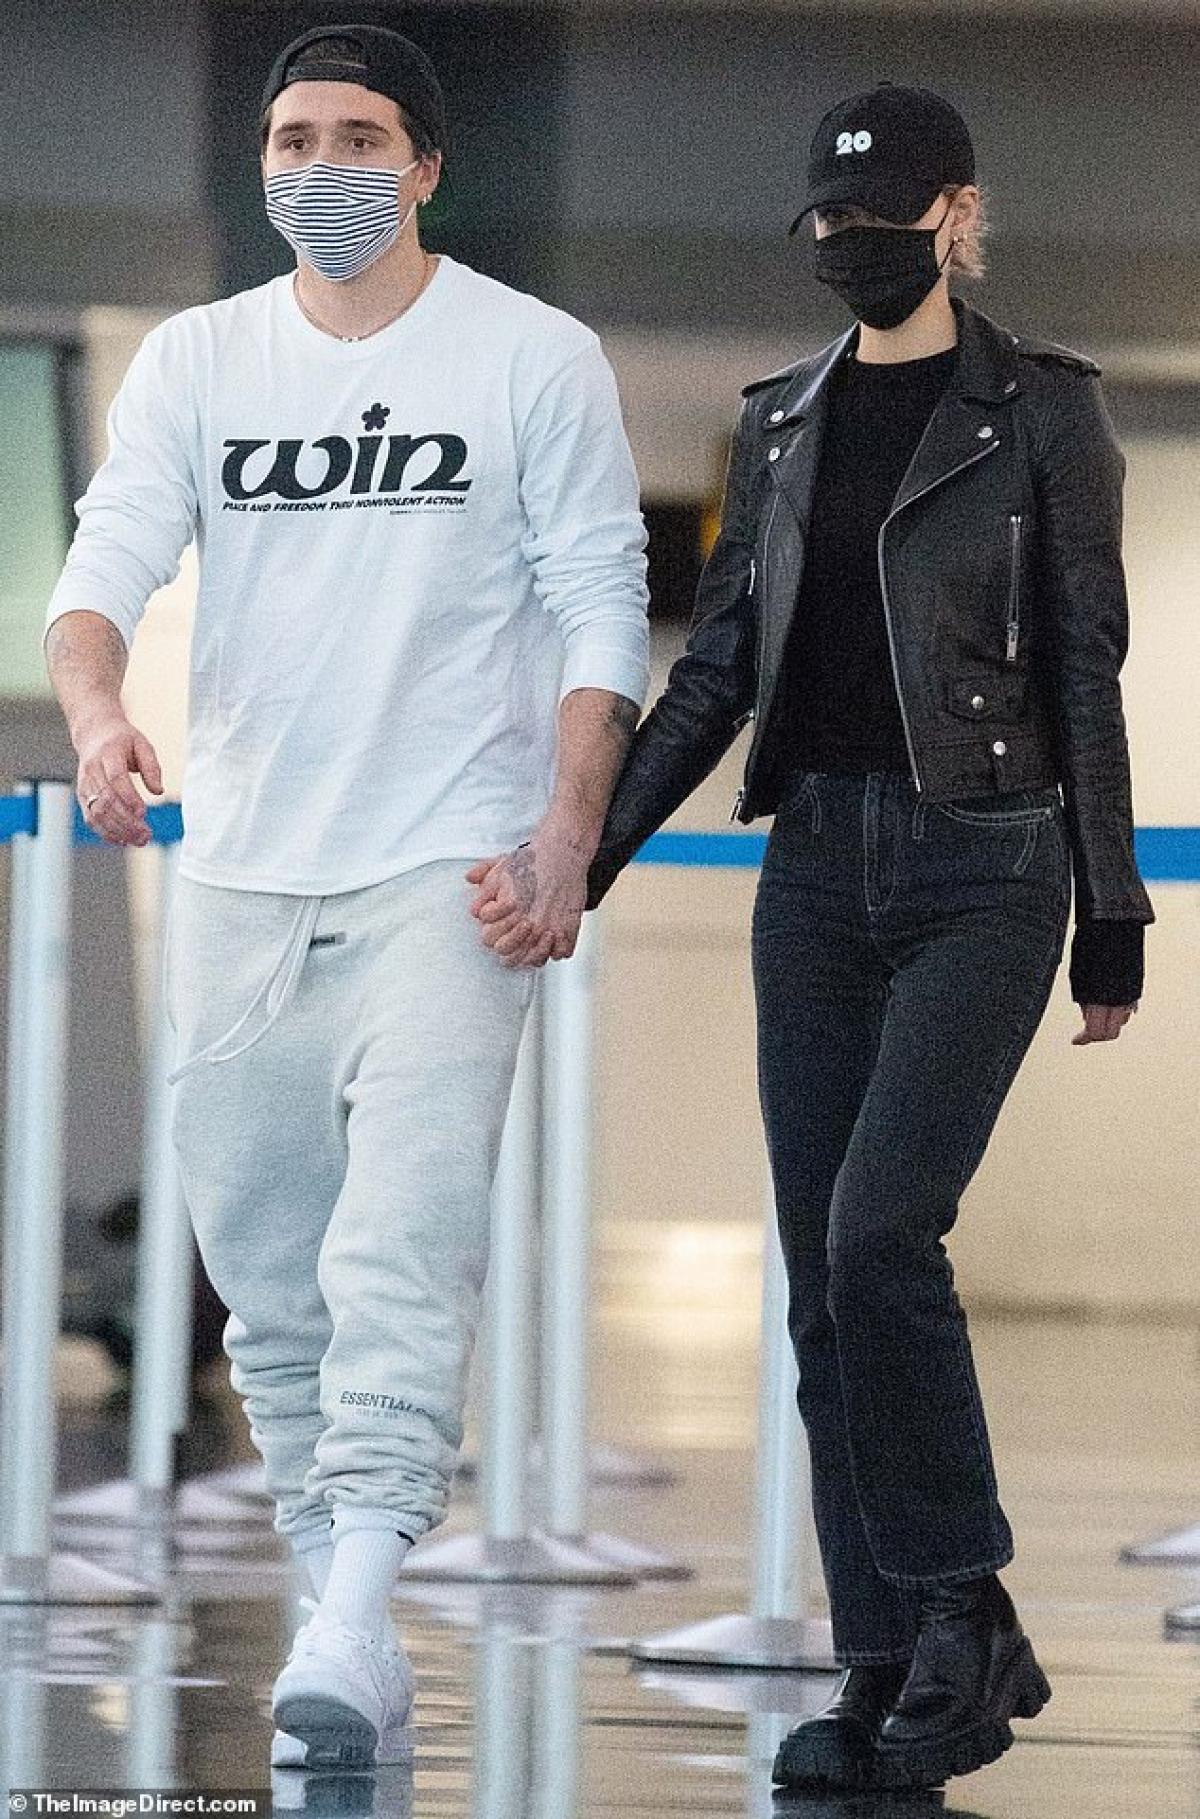 Con trai David Beckham diện trang phục sáng màu hàng hiệu, còn Nicola Peltz lại diện set đồ màu đen - mang mảng màu đối lập với bạn trai.